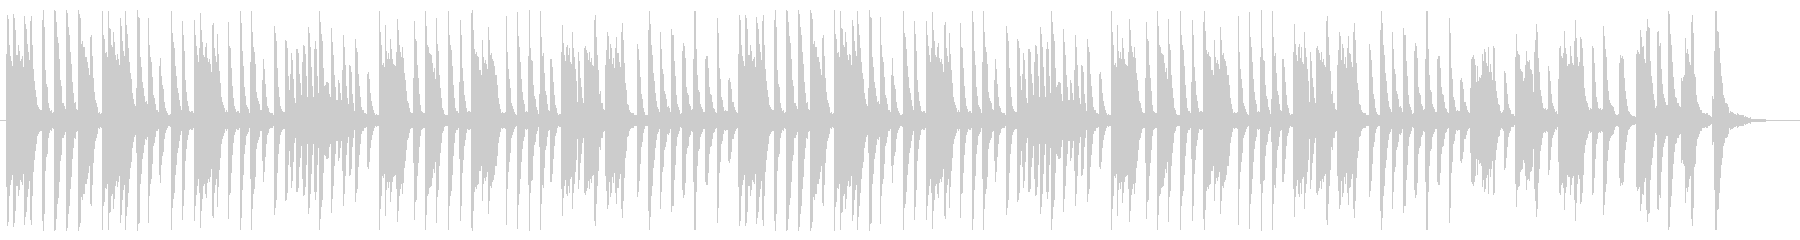 ピアノ主体のポップスBGMの未再生の波形